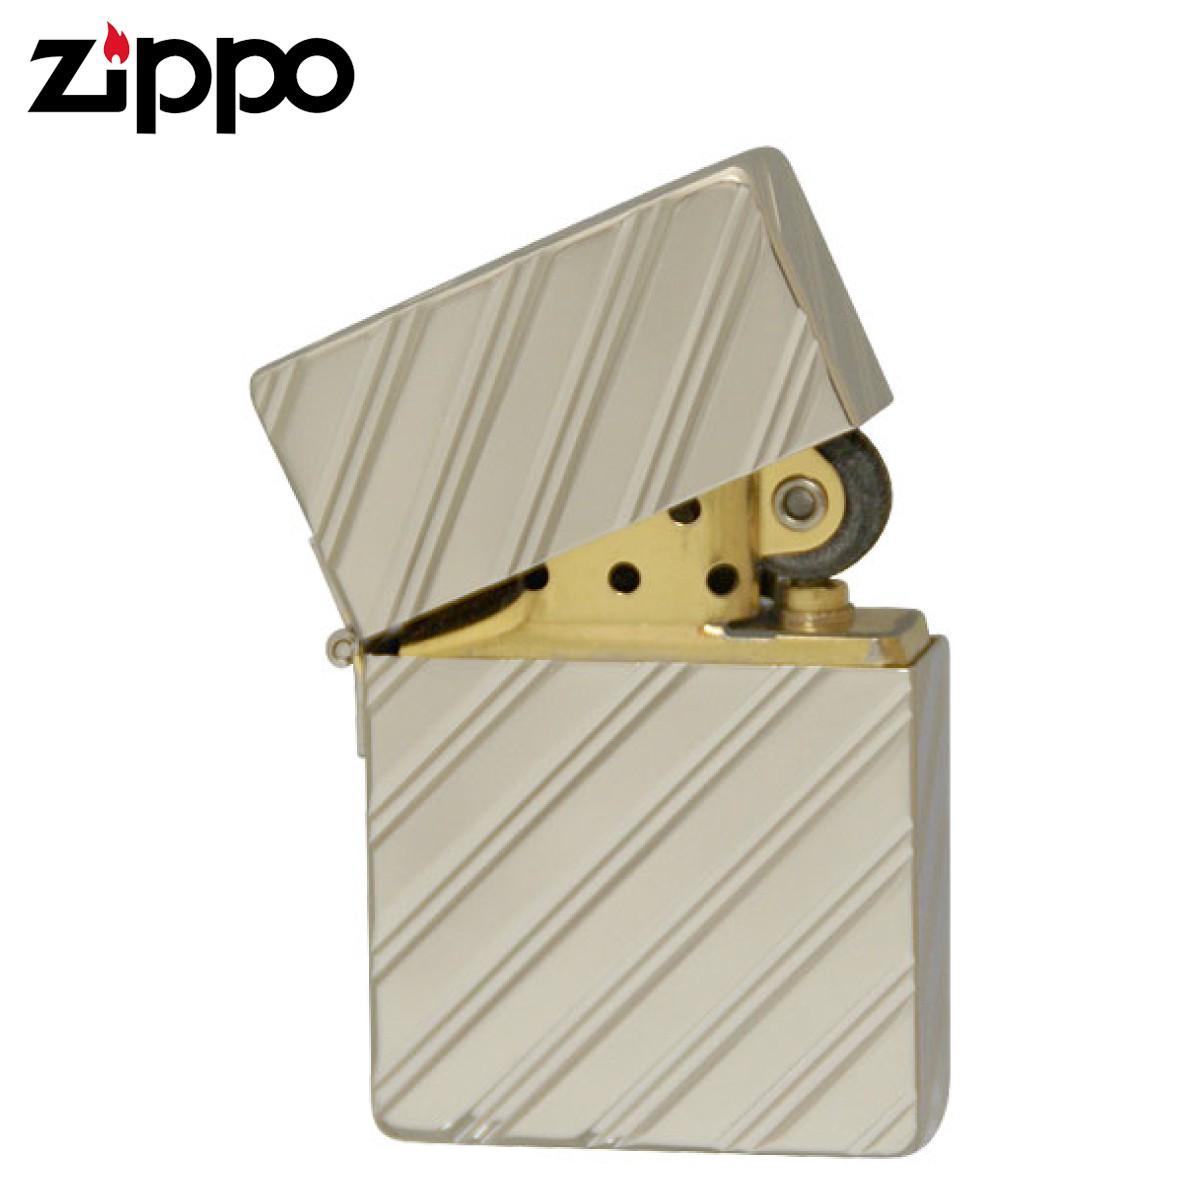 zippo ジッポーライター 1935レプリカ 1935年復刻版 1935レプリカ 1935-5D/C PT ギフト プレゼント 贈り物 返品不可 オイルライター ジッポライター 彼氏 男性 メンズ 喫煙具